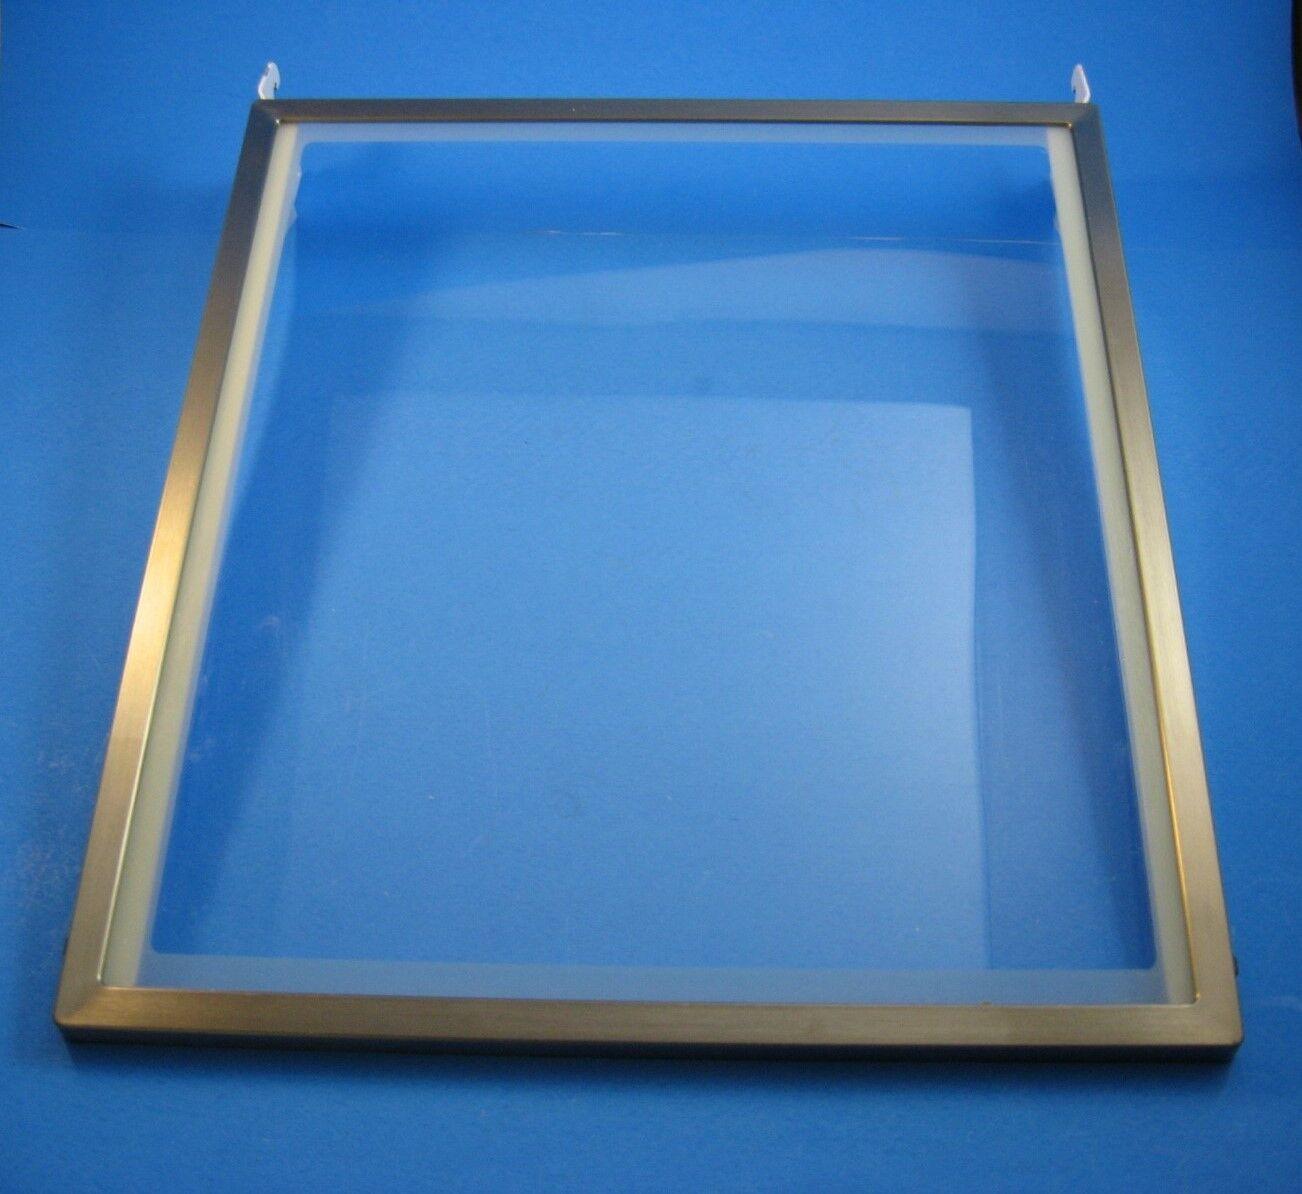 Wpw10493521 W10493521 -whirlpool KitchenAid Refrigerator Glass Shelf ...